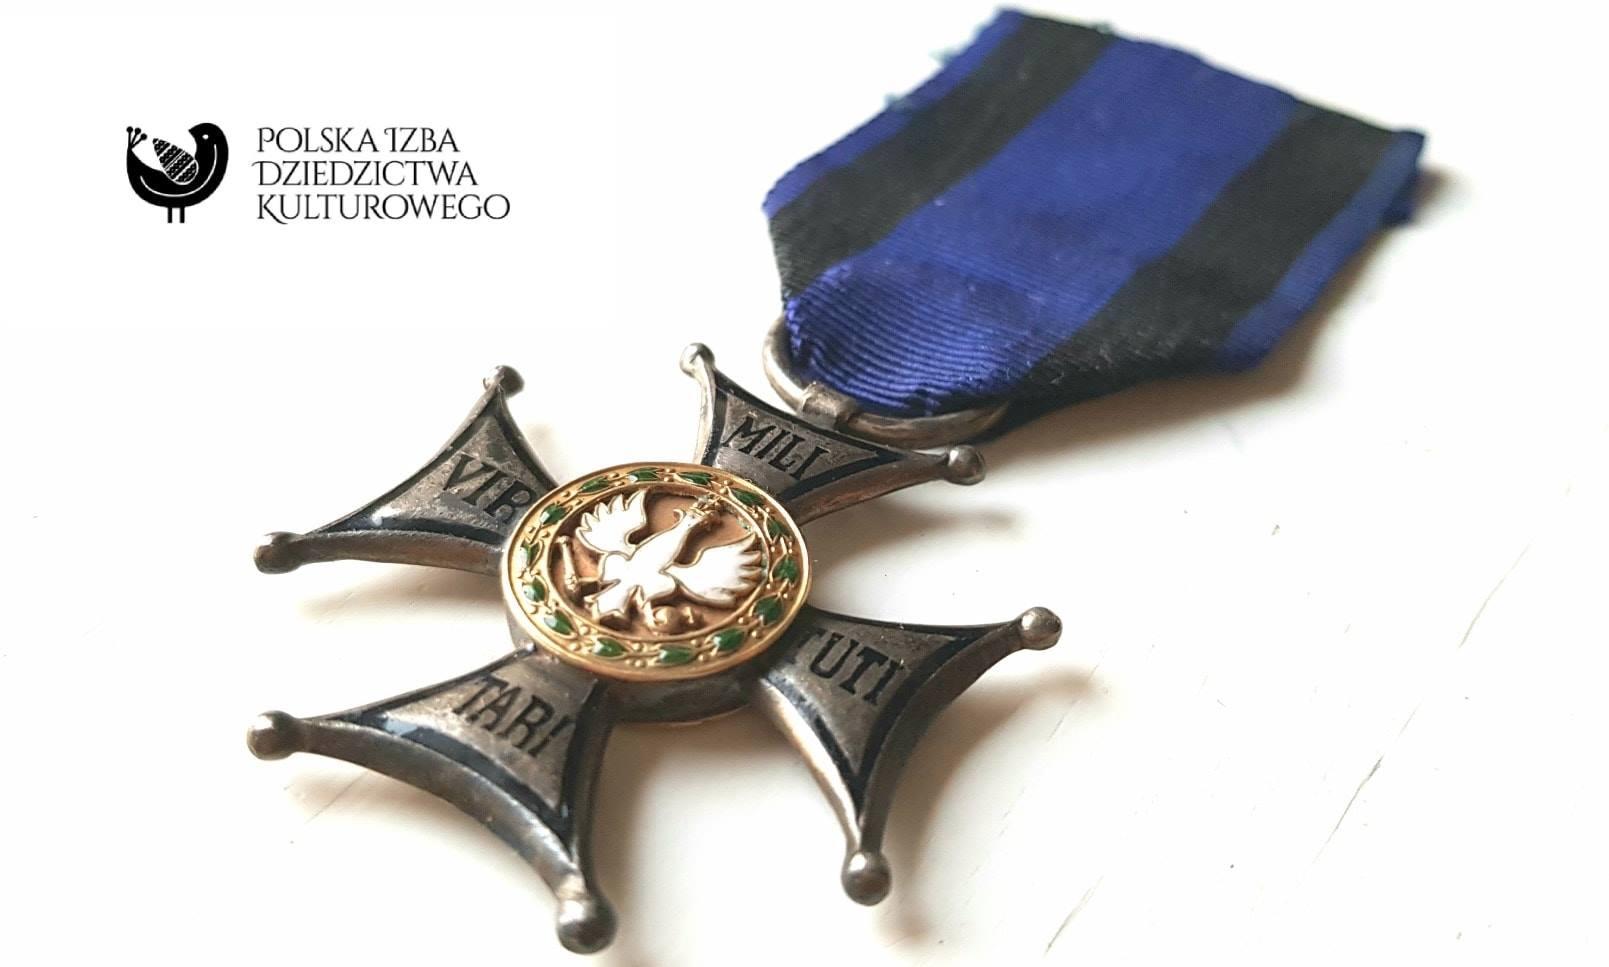 Krzyż V klasy Virtuti Militari.